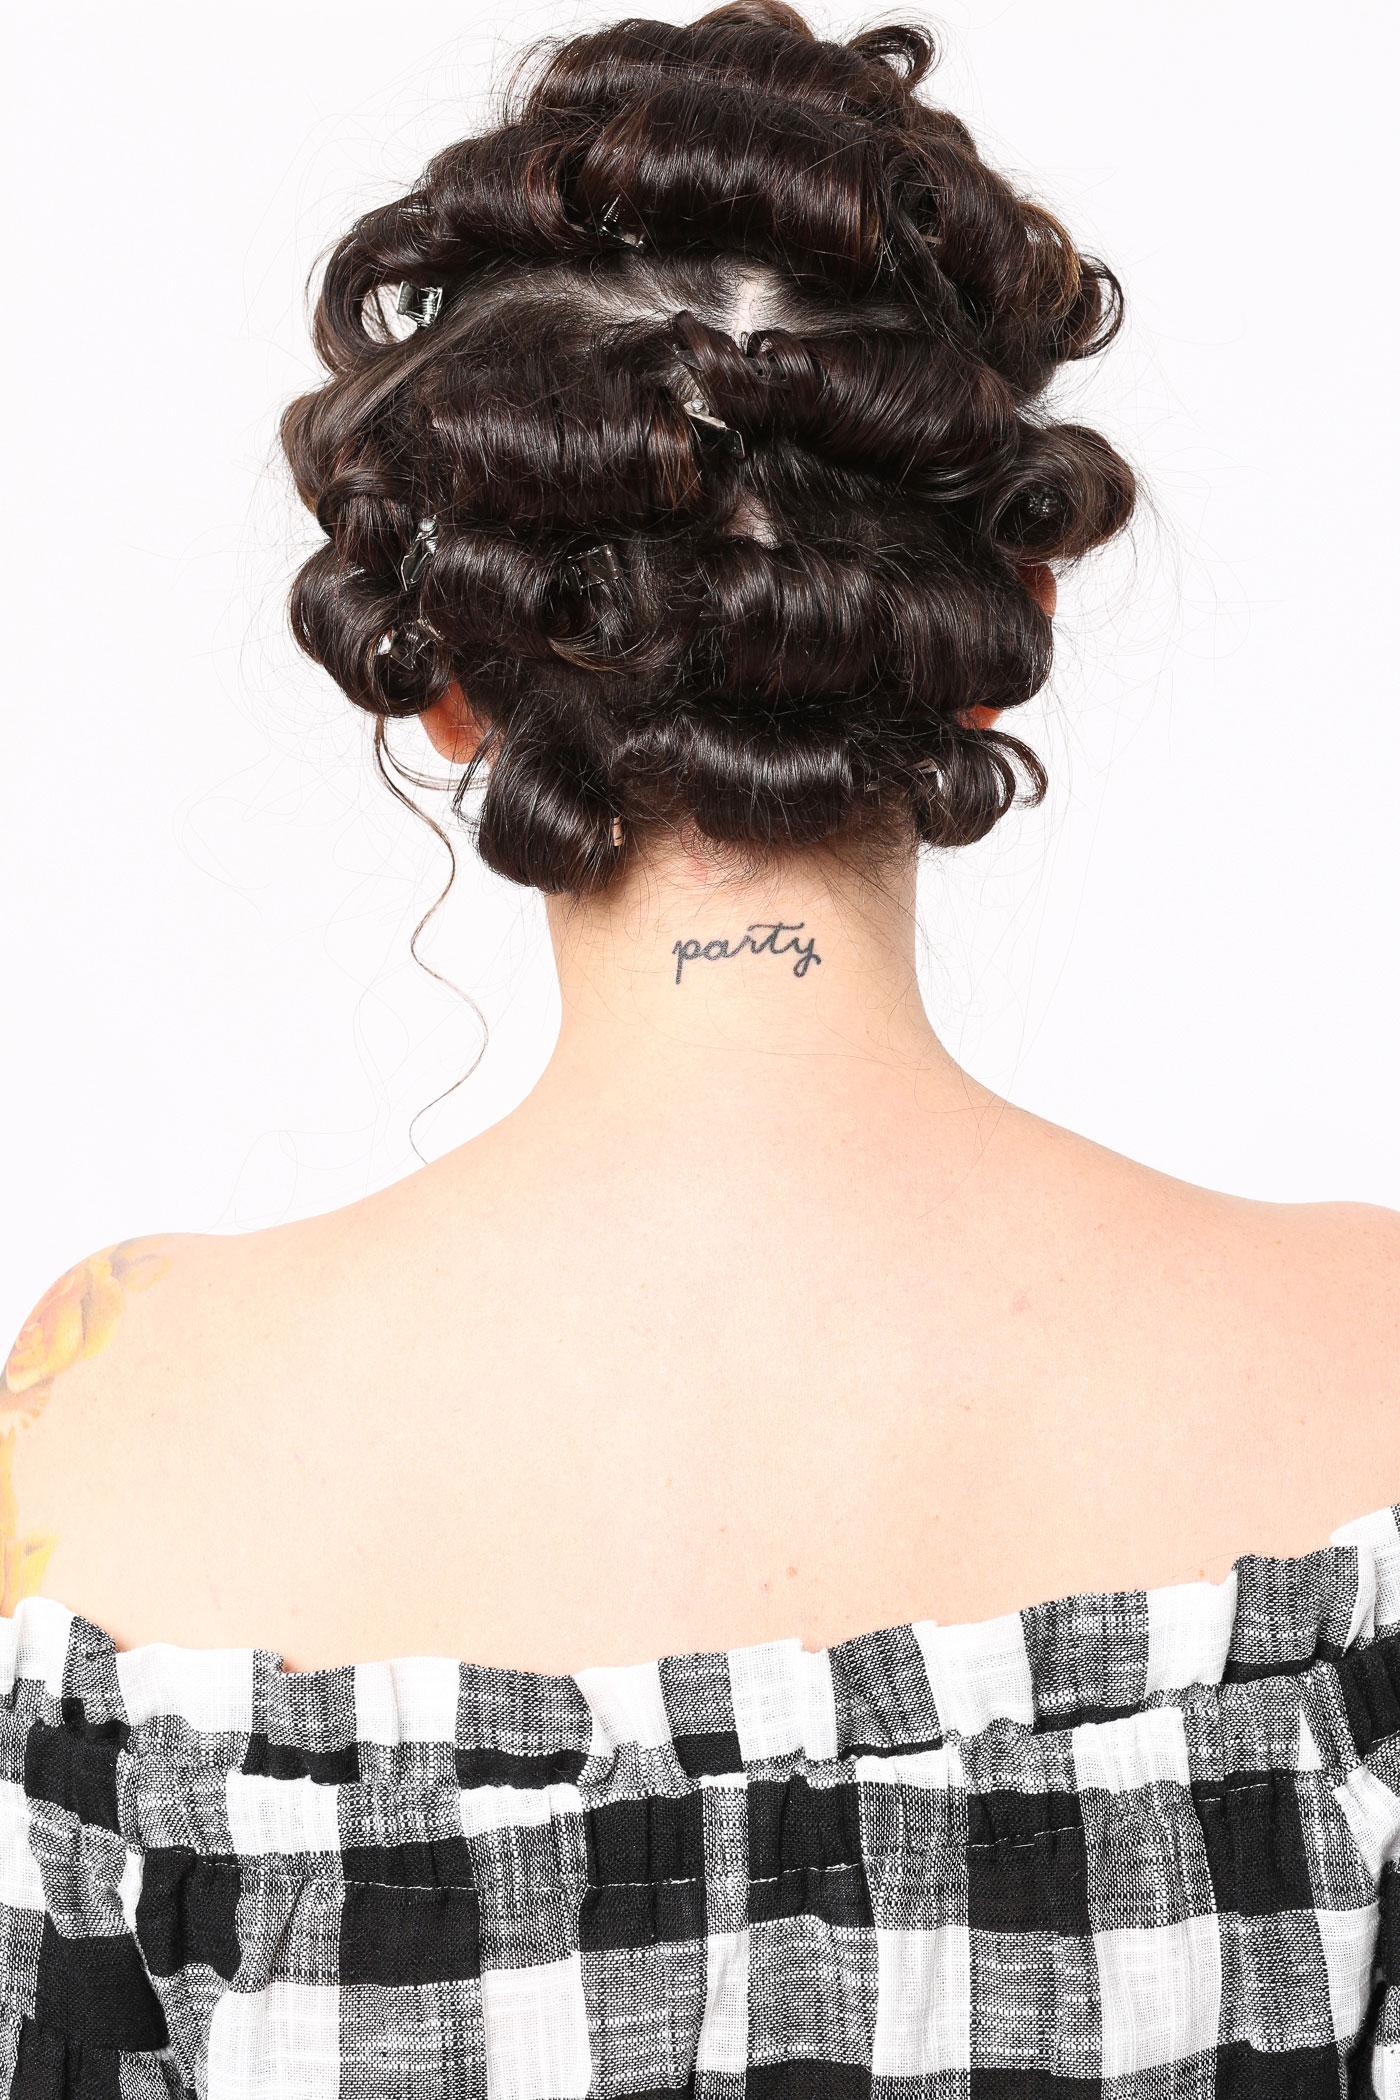 vintage pin curls diagram visio 2013 erd holiday hairstyle retro waves hair tutorial